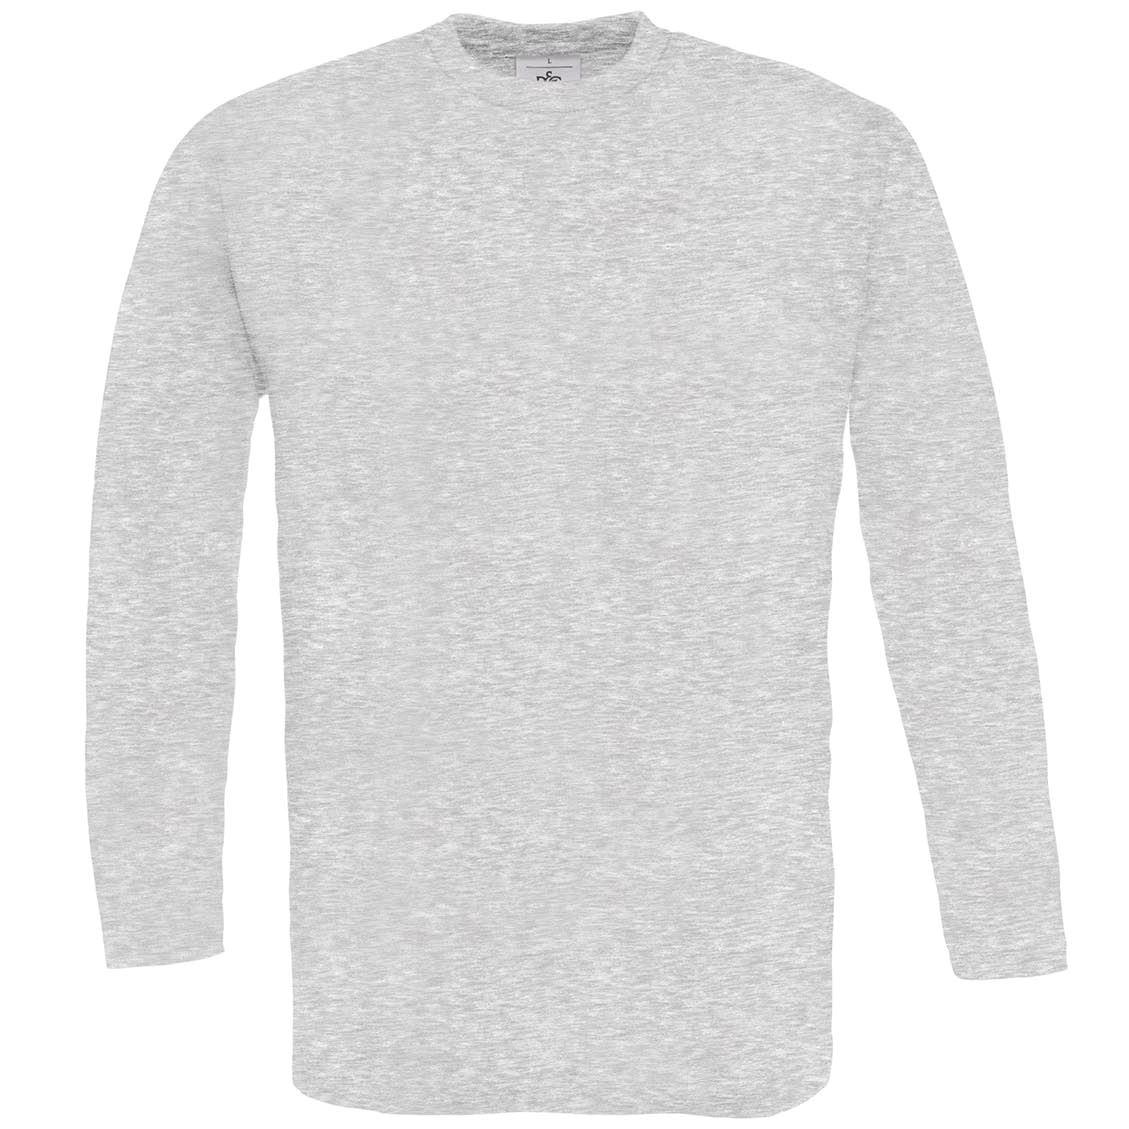 B-amp-c-Collection-exacta-de-hombre-150-Manga-Larga-Camiseta-TU003-Liso-Cuello-Redondo-Camiseta